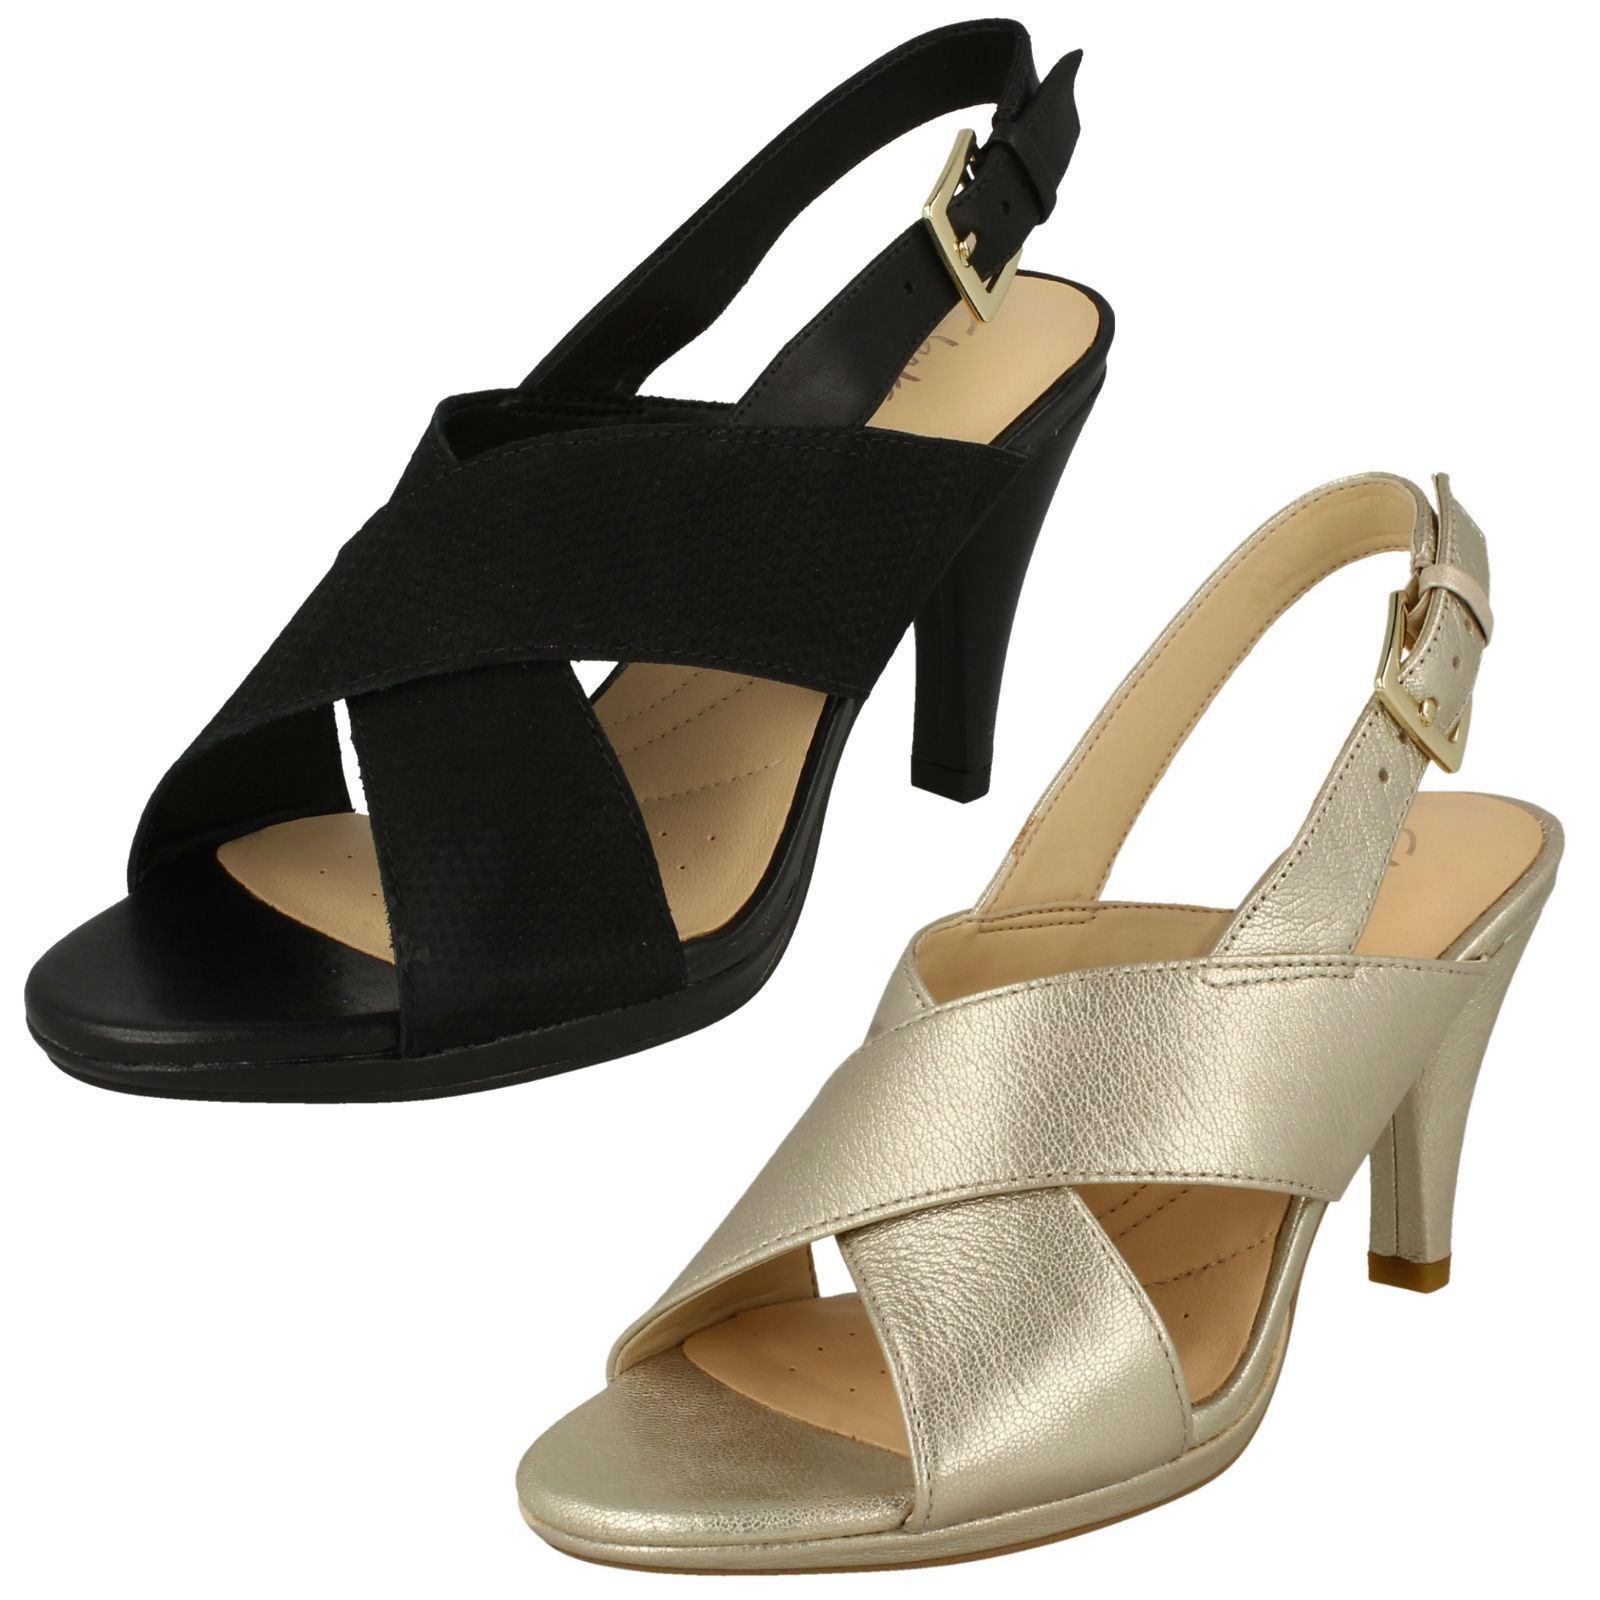 Ladies Clarks Open Toe Slim Heeled Slingback Buckled Leather Sandals Dalia Lotus